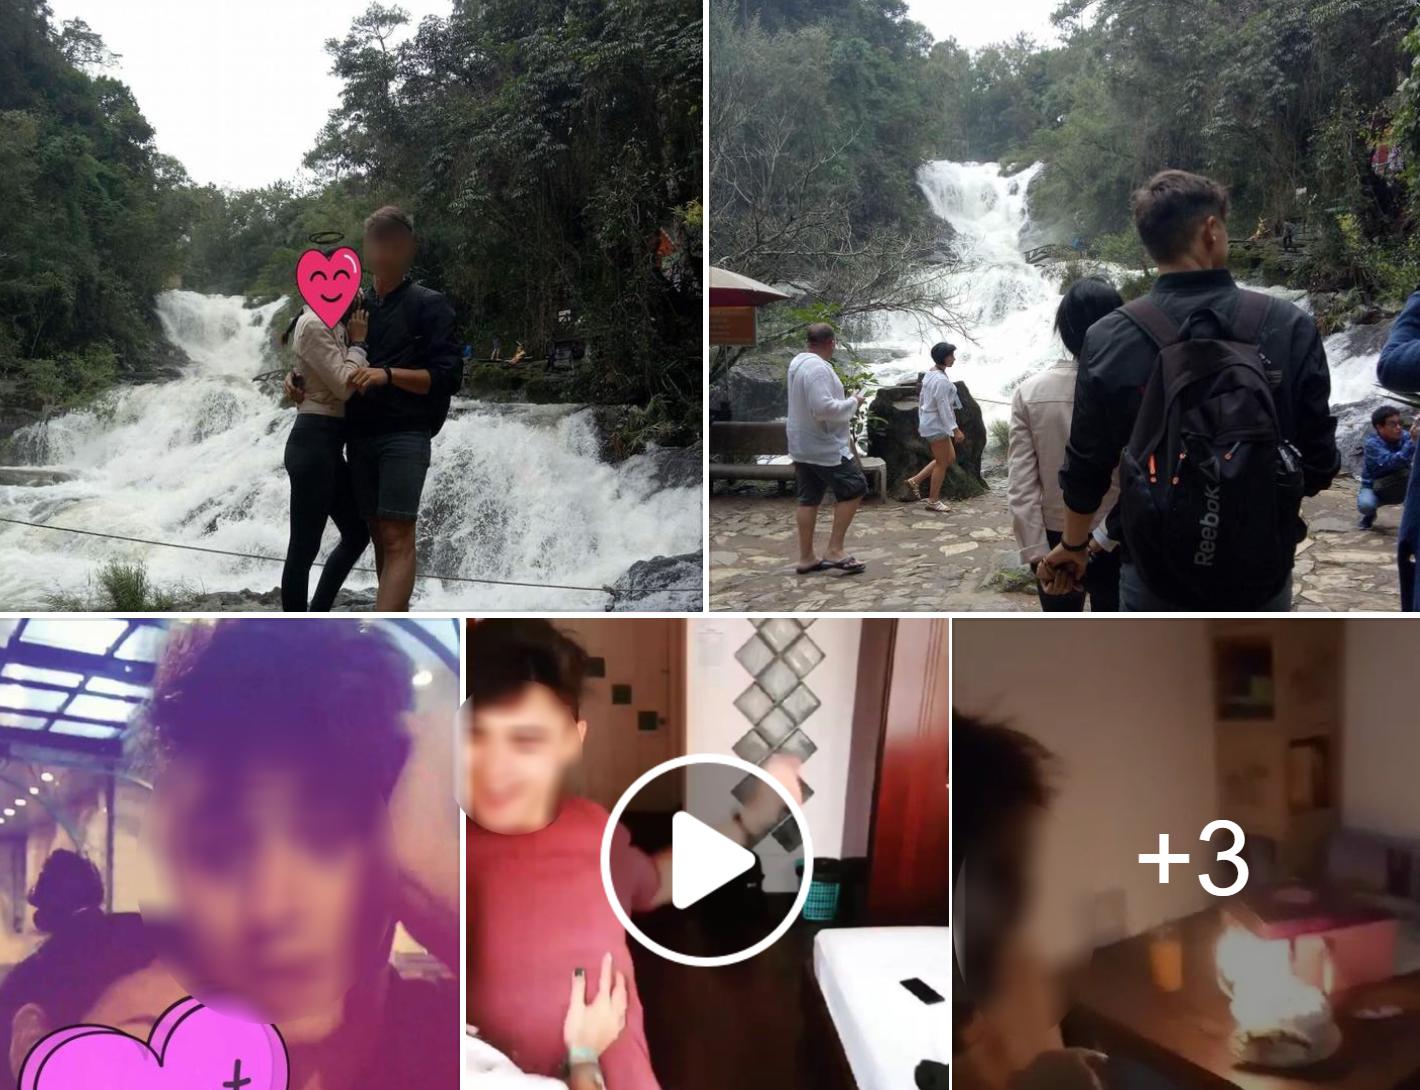 Chú rể Tây soái ca trong bức ảnh gây sốt ở Nha Trang bị lật tẩy lừa dối người yêu hiện tại, bắt cá hai tay - Ảnh 2.